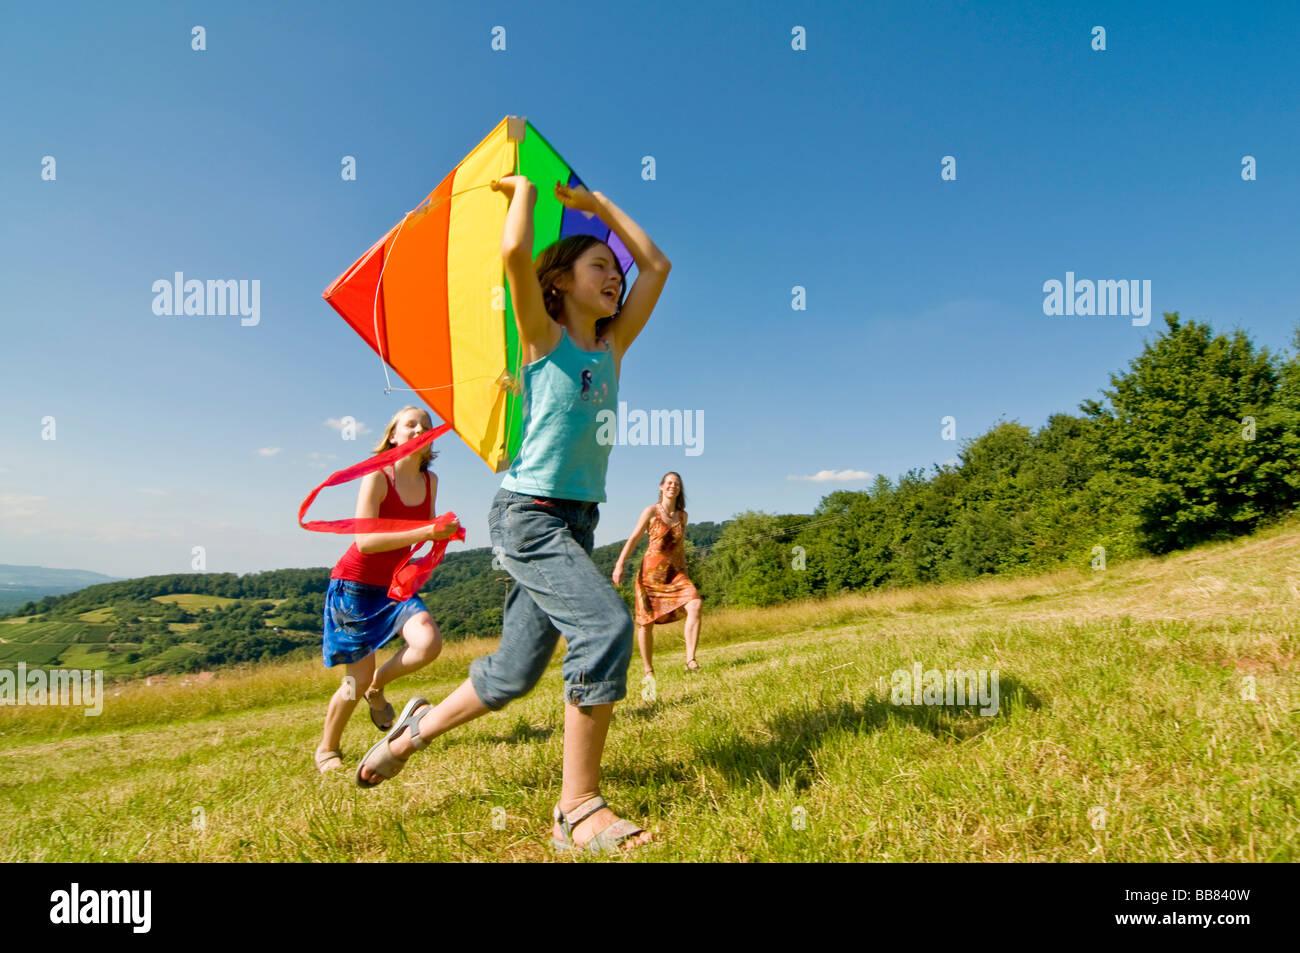 Jugendliche mit einem Drachen über eine Wiese laufen Stockbild